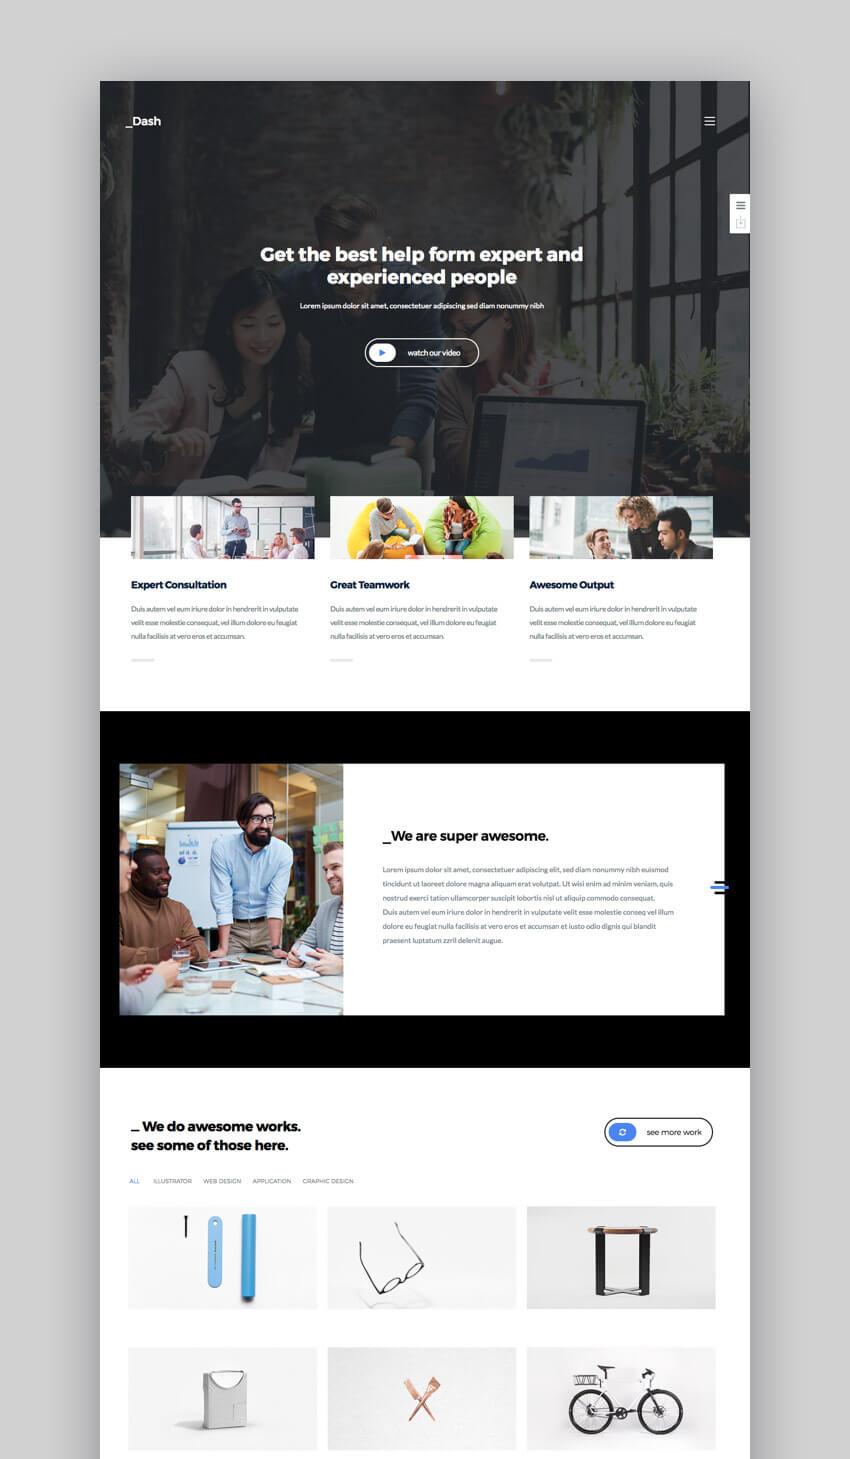 Dash - Plantillas de WordPress profesionales para web de empresa